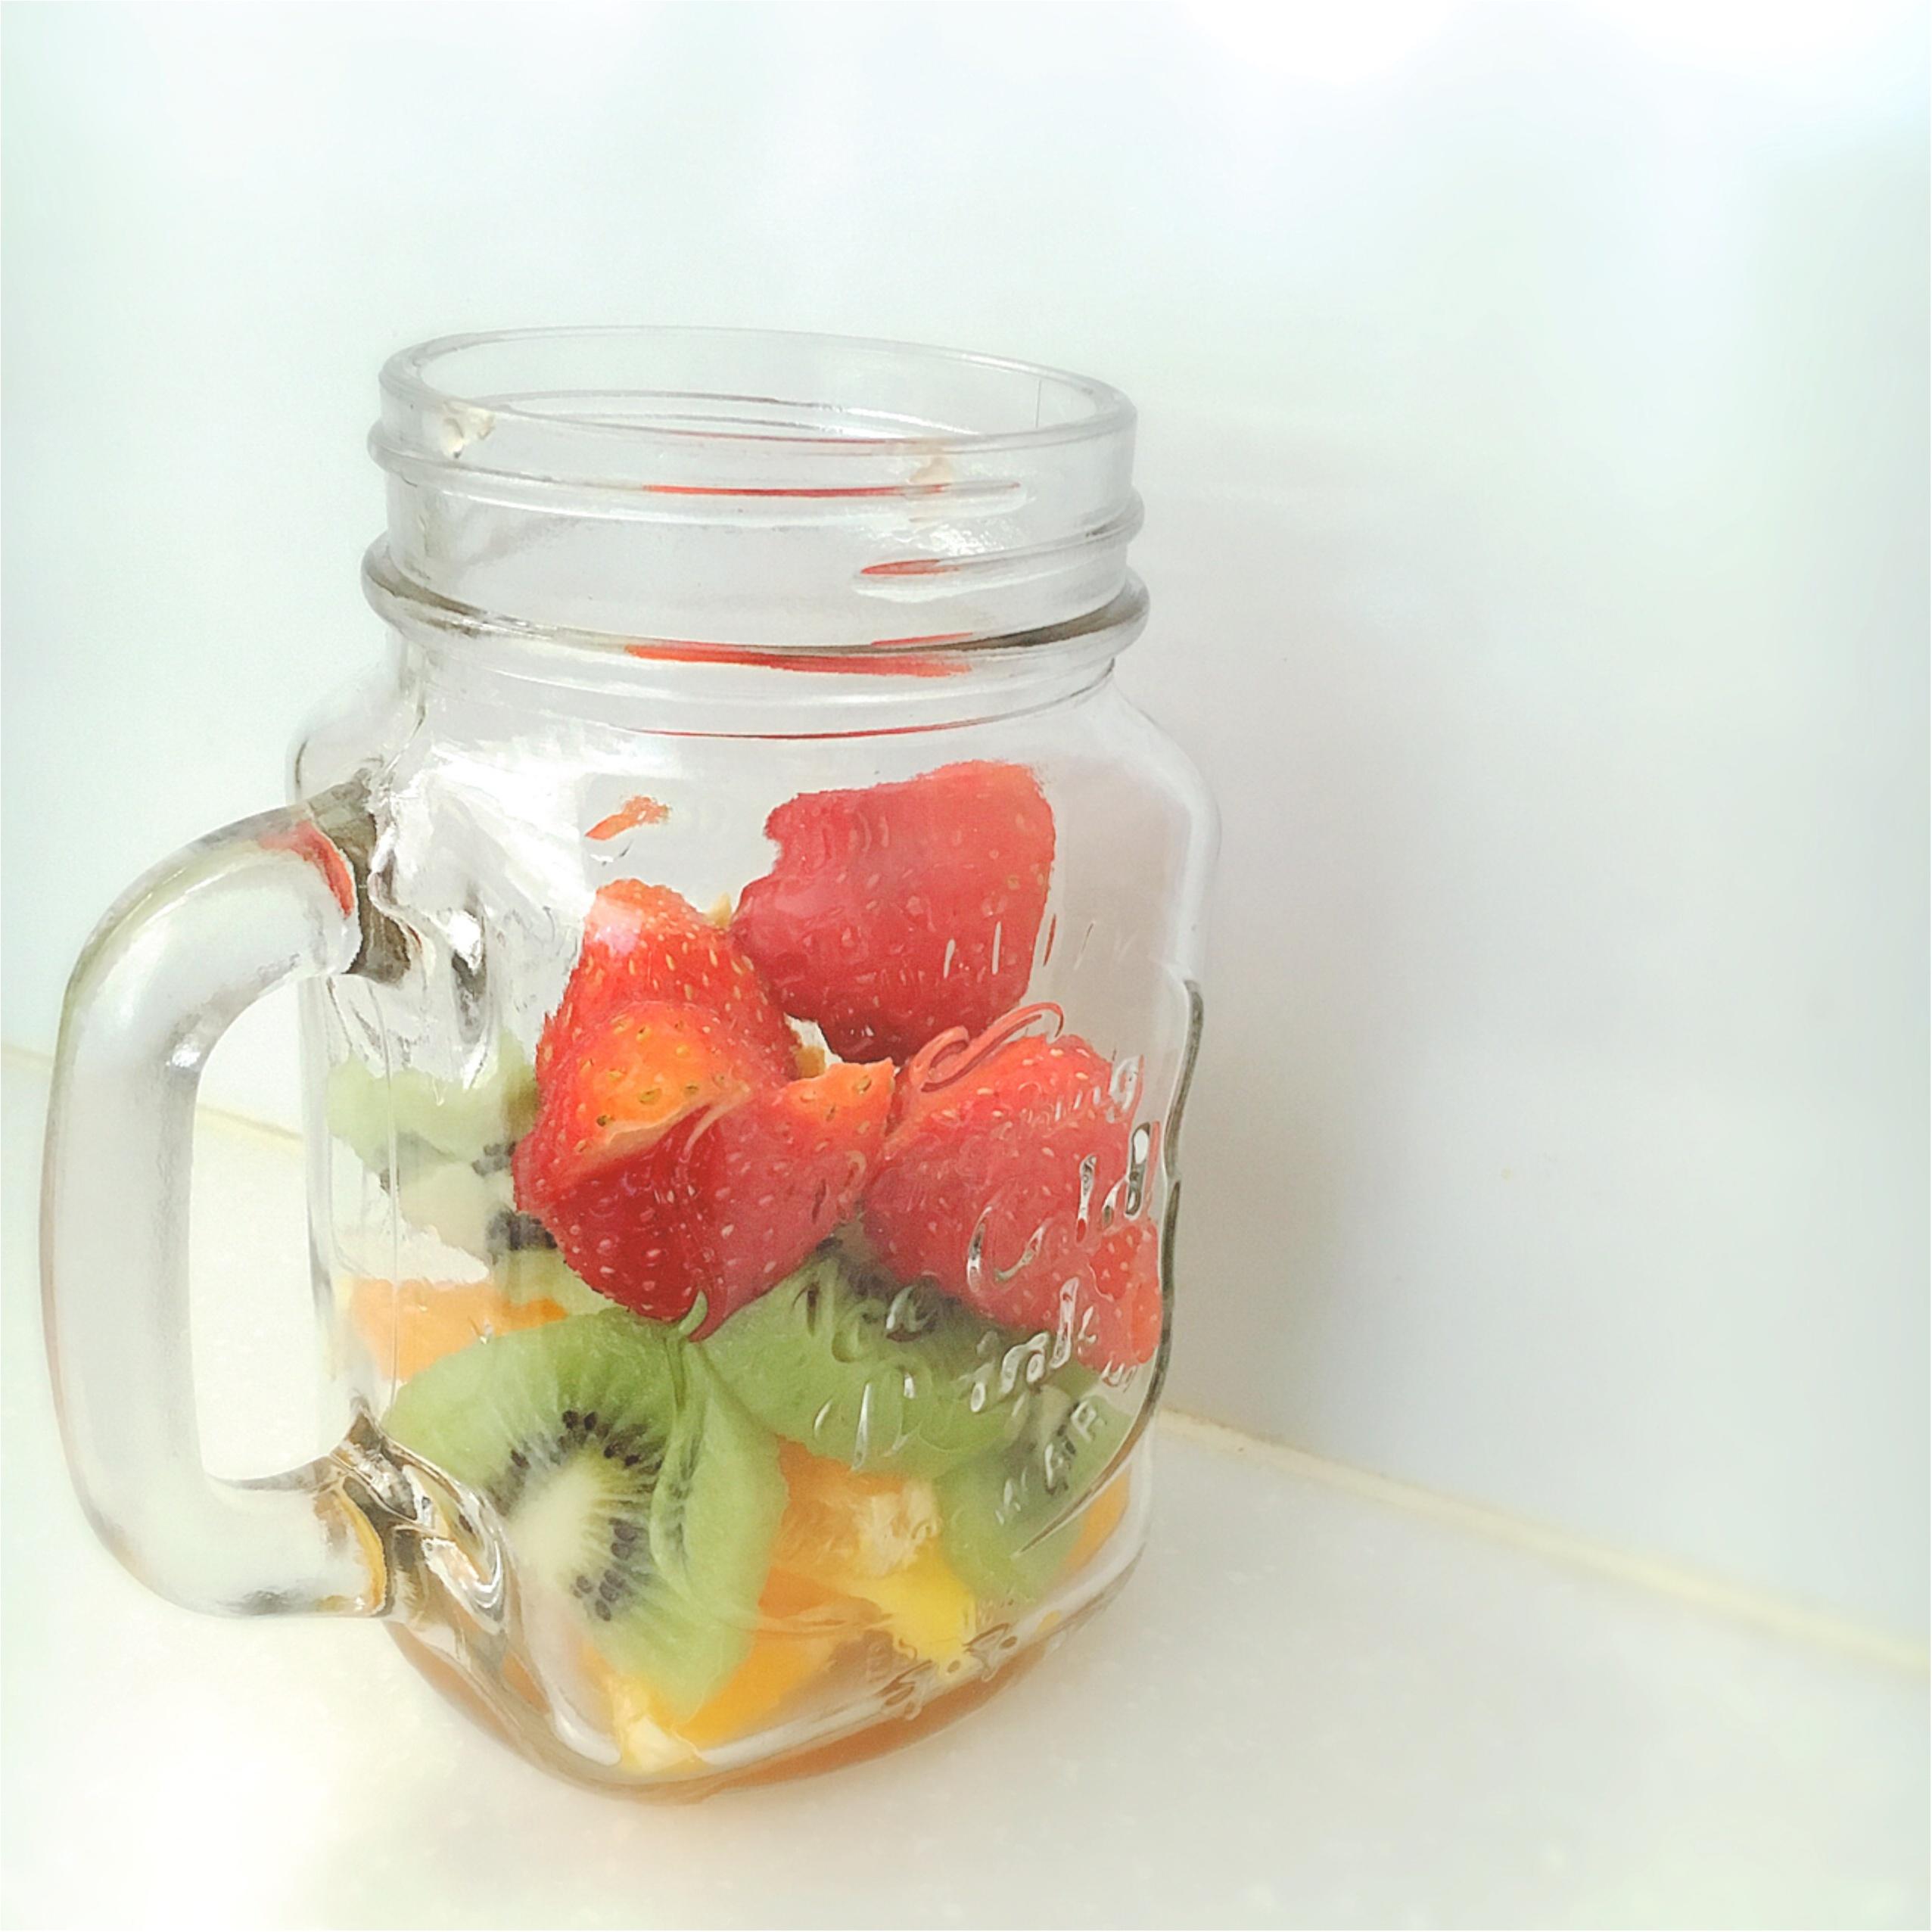 【Q♡cafe】毎日飲みたい!手作り《フルーツビネガー》なら美味しくキレイになれるかも❤️✨_3